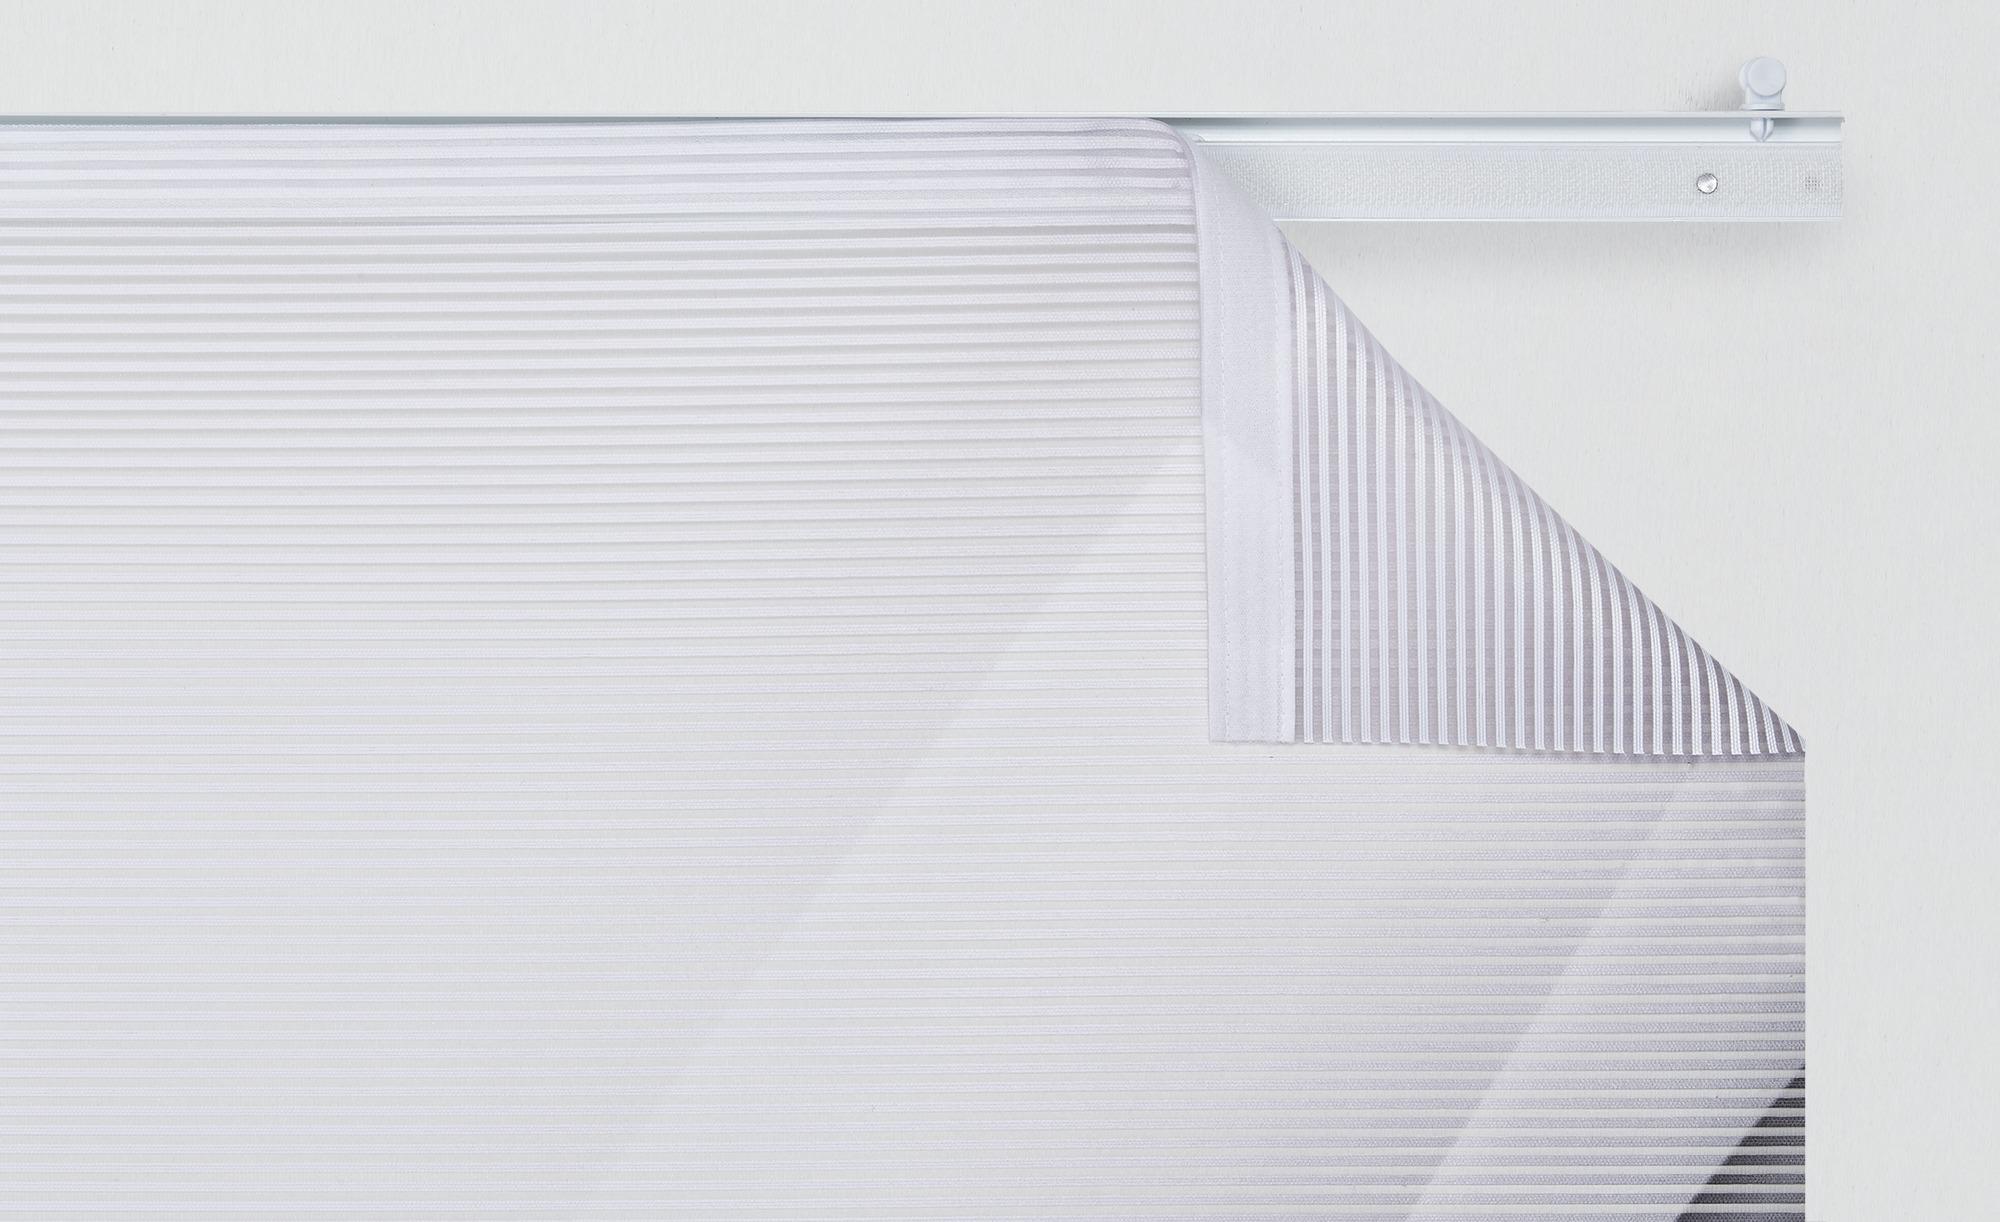 Panello  Uno 2 ¦ grau ¦ 100% Polyester ¦ Maße (cm): B: 60 Gardinen & Vorhänge > Gardinen & Fertigstore > Schiebegardinen - Höffner